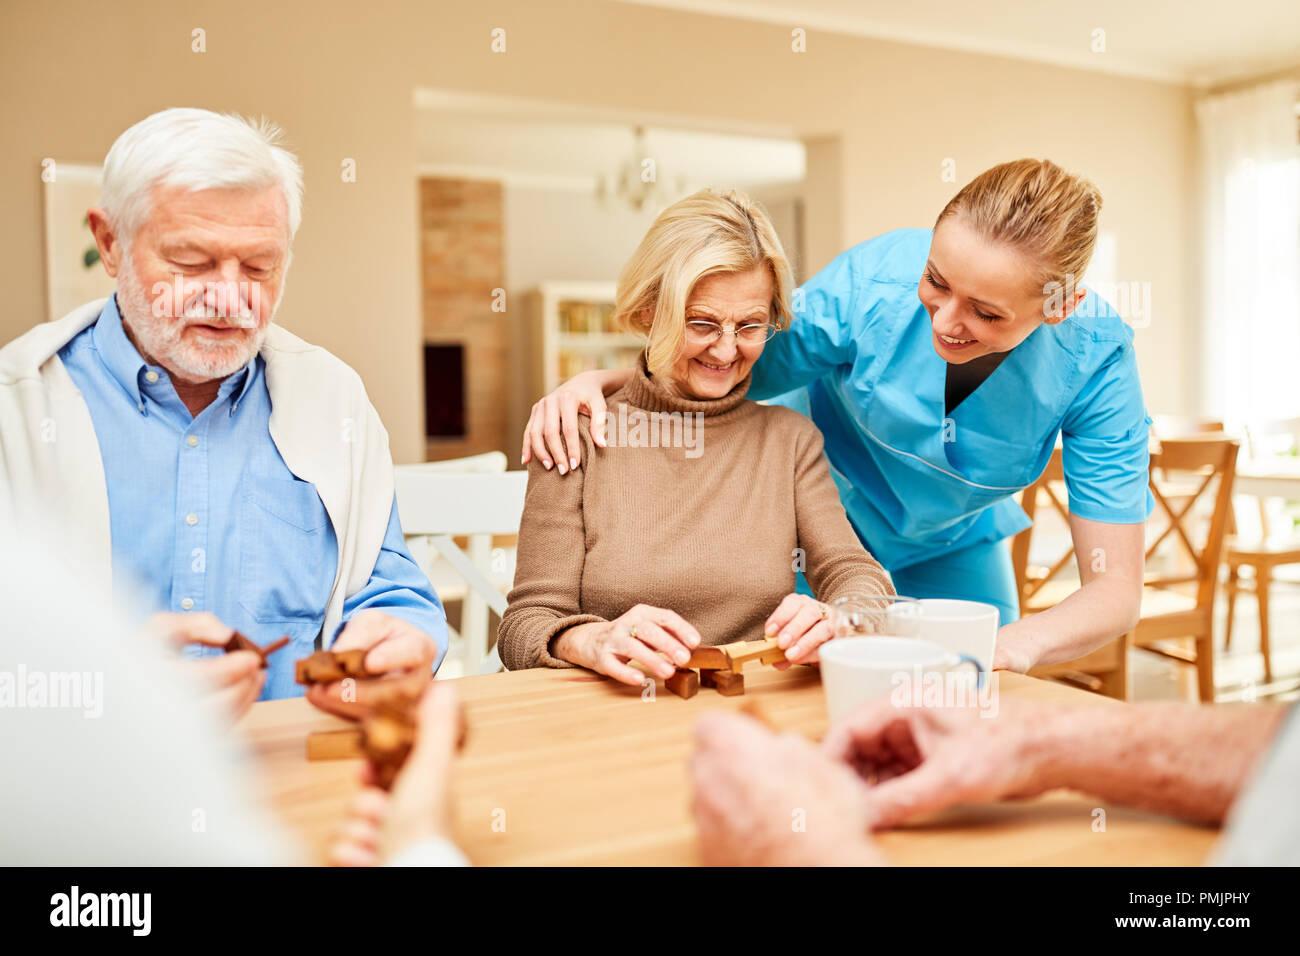 Fürsorgliche Betreuer Kümmert Sich Um Die Senioren Spielen Mit Dem